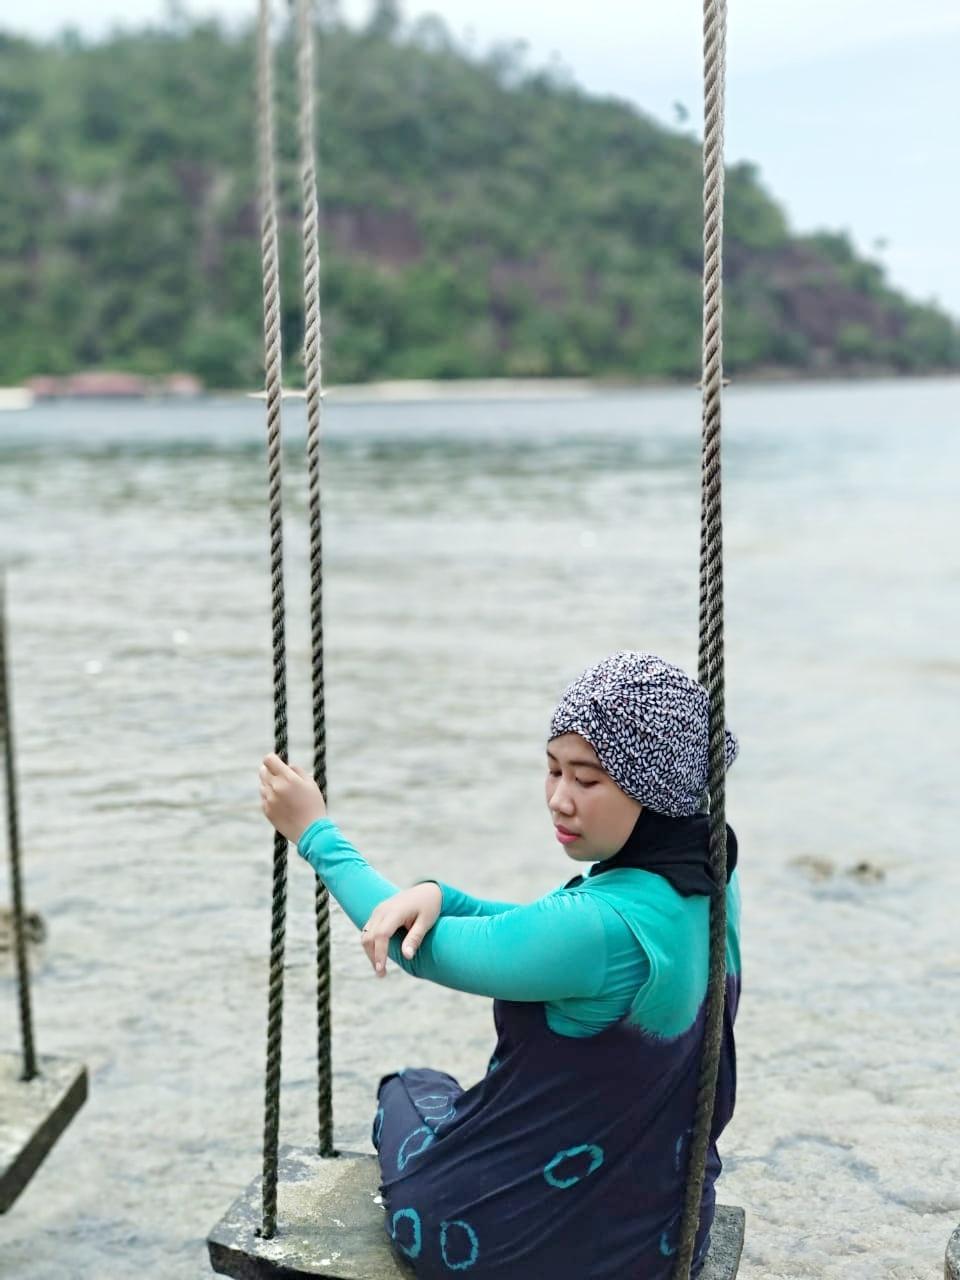 Pulau Swarnadwipa Sumbar : pulau, swarnadwipa, sumbar, Jelajah, Pesona, Sumatera, Barat, Zonaricki.id